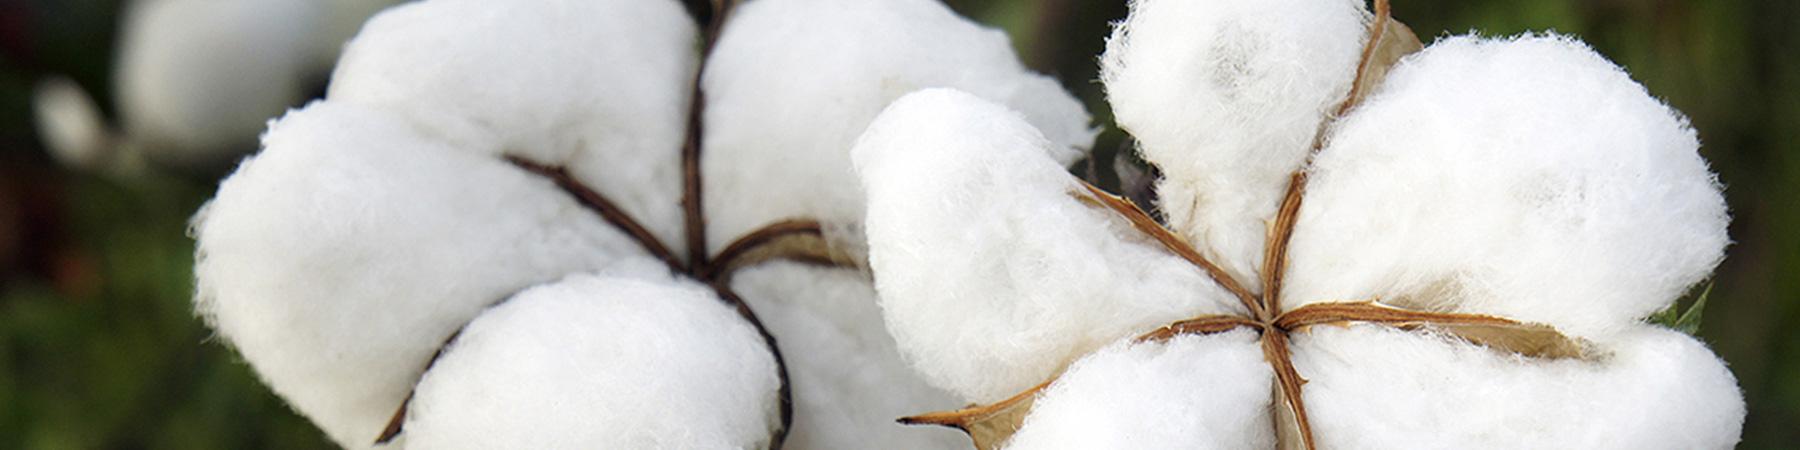 Cultivo de Algodón - Productos Las Marismas de Lebrija